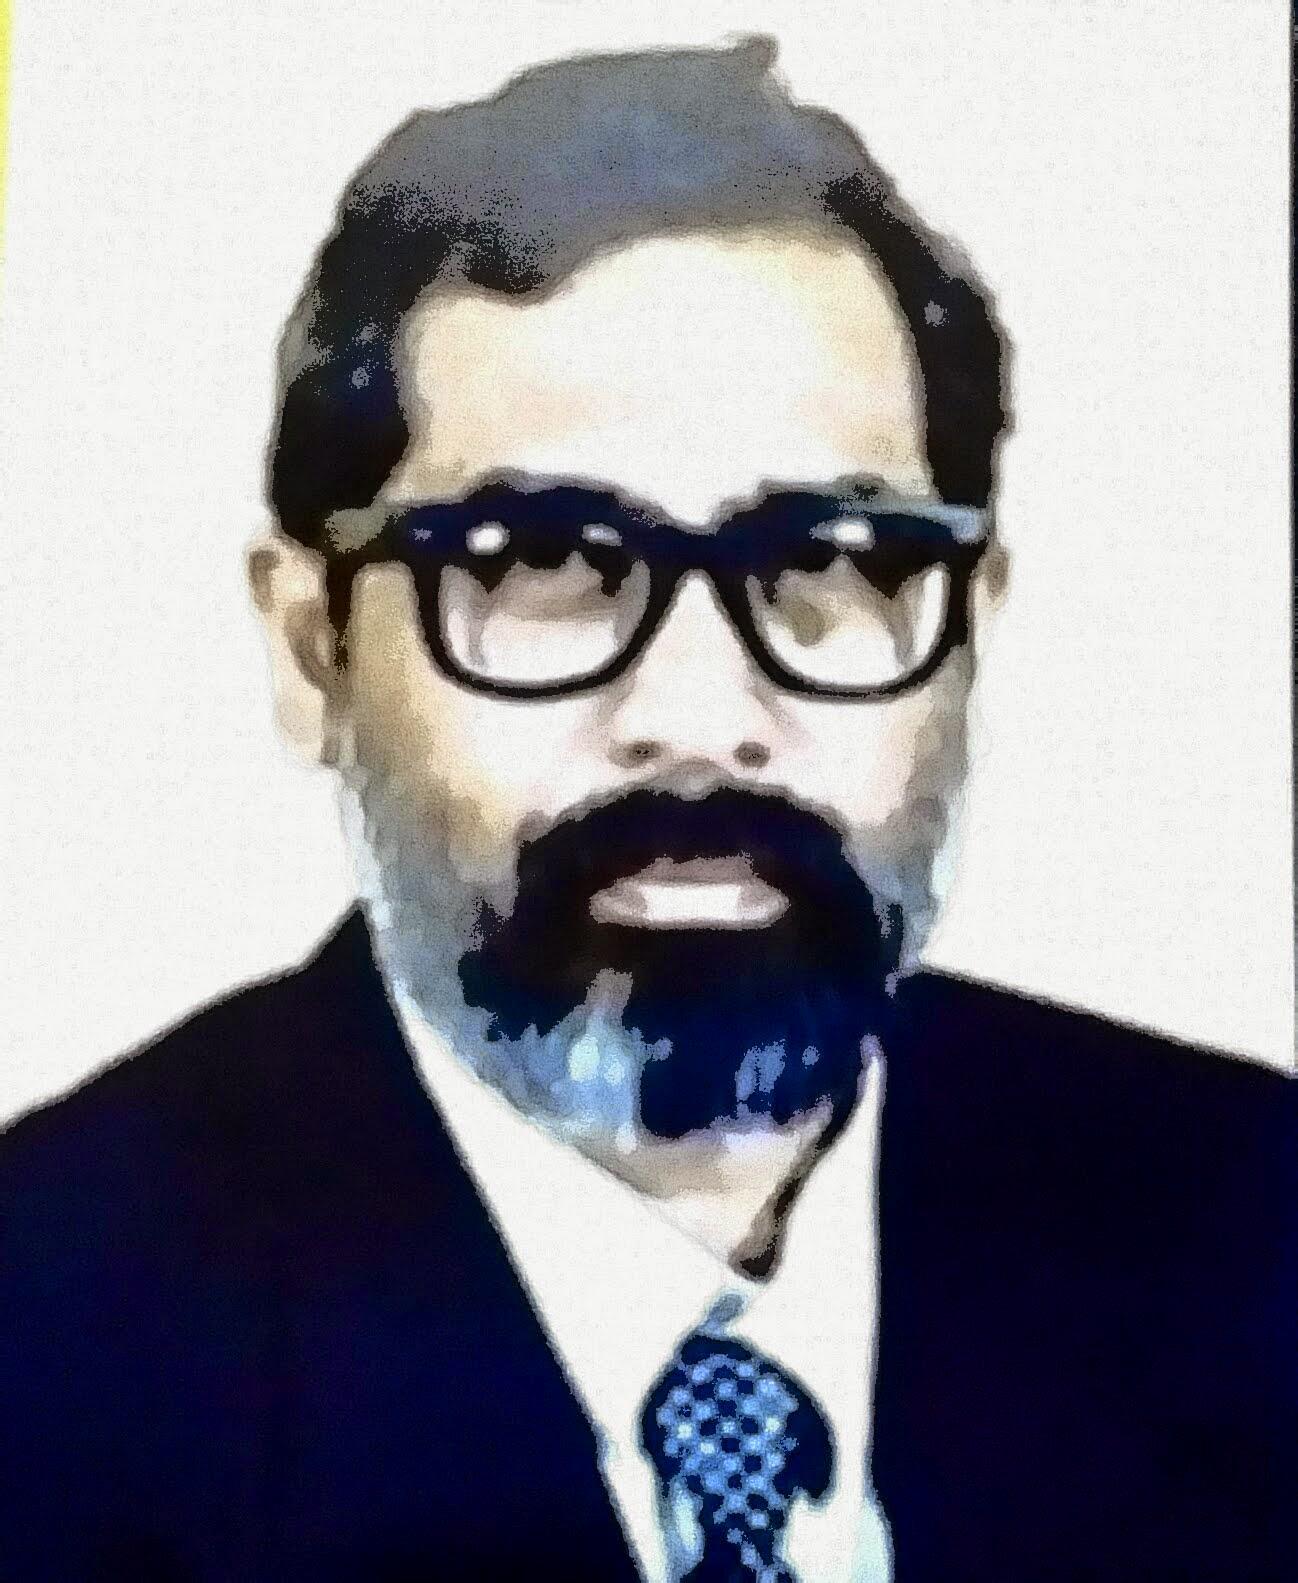 Datuk Dzohir b. Md.Zain